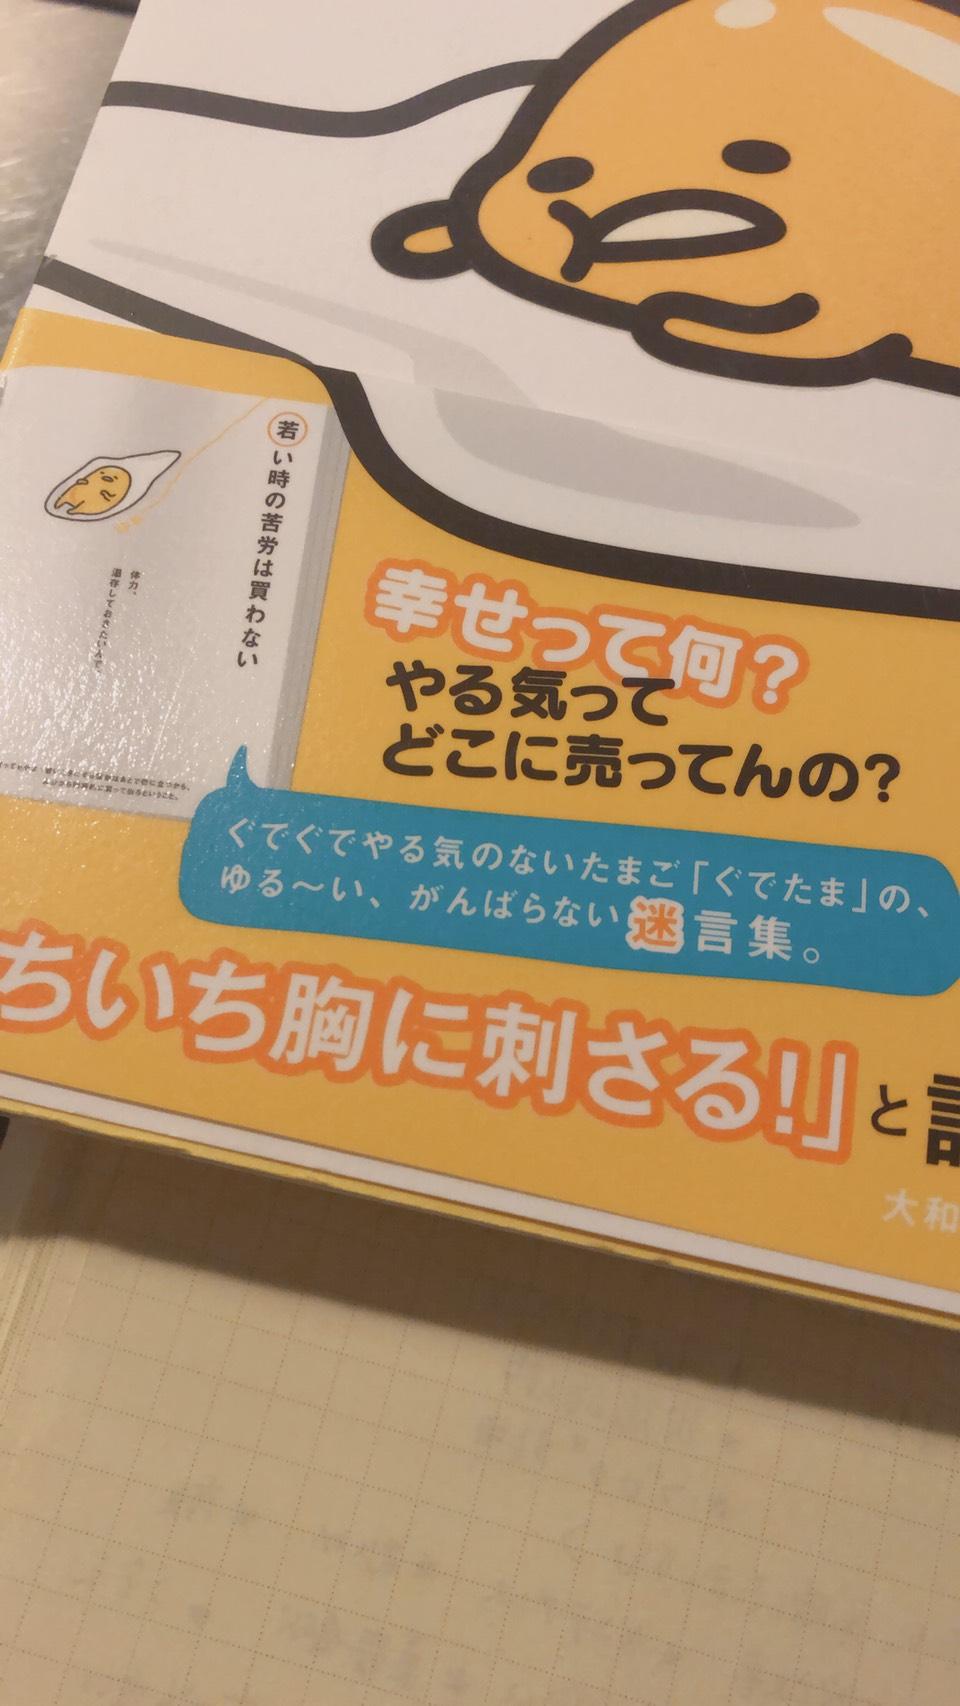 吹田市片山町鍼灸リラクゼーションサロン はりきゅうサロンアンシシ